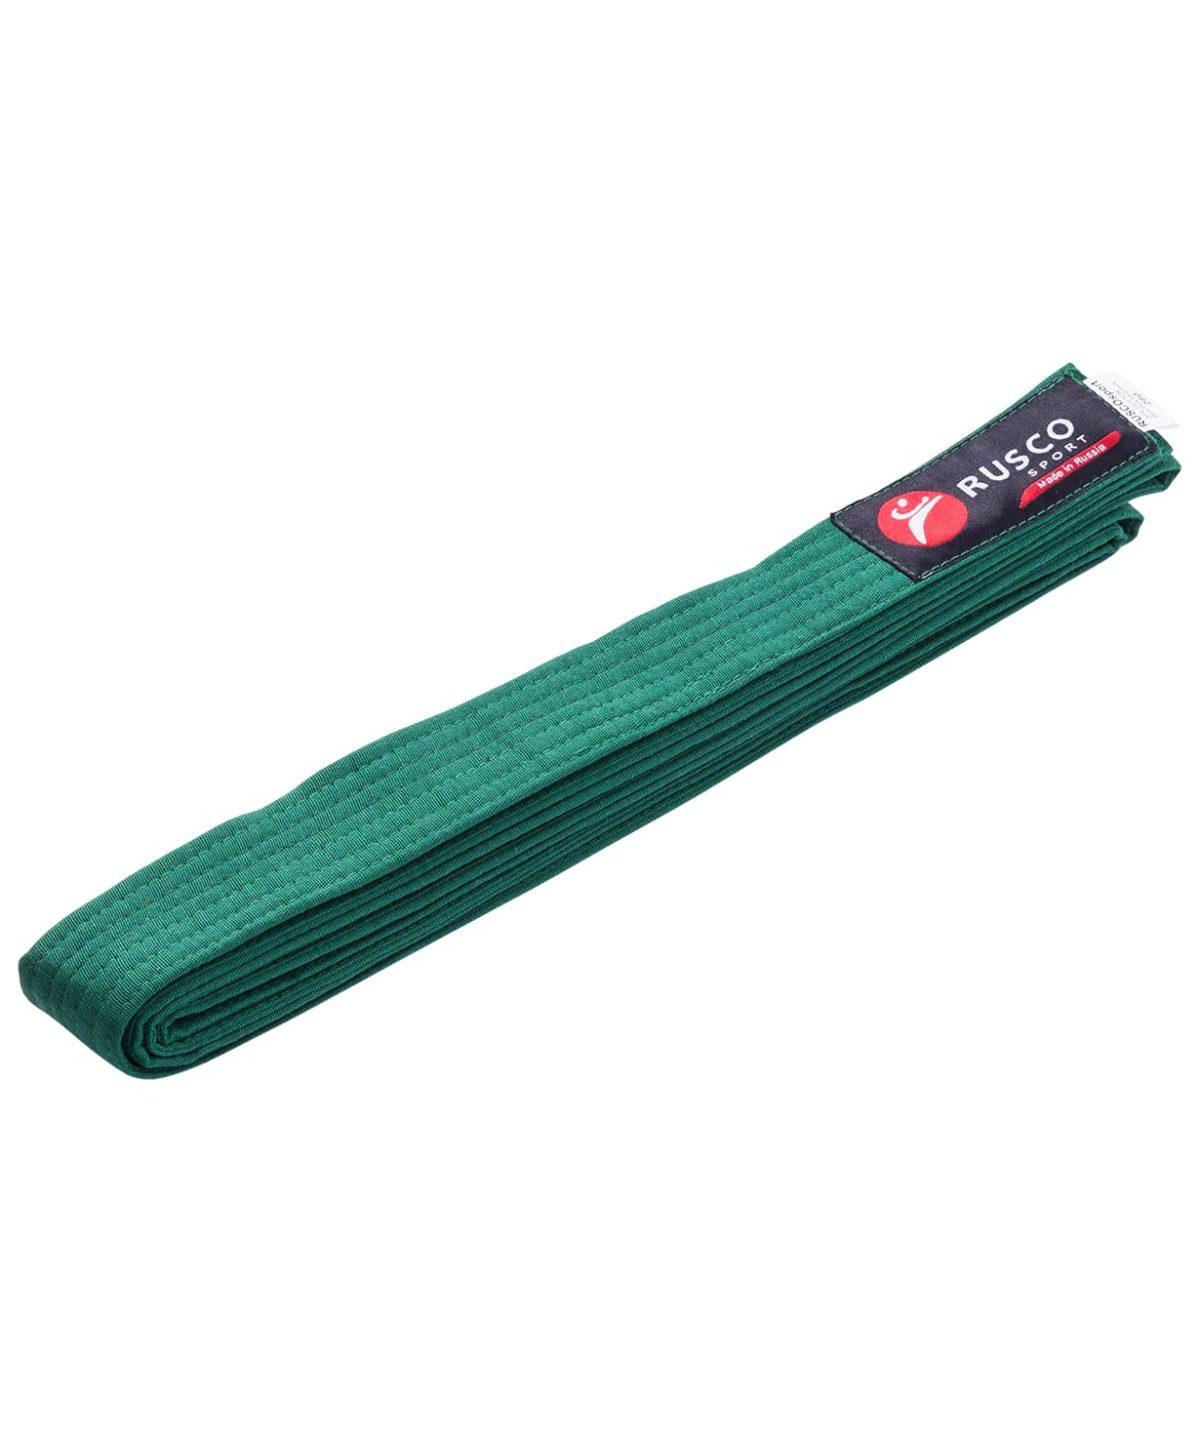 RUSCO Пояс для единоборств  10489: зелёный - 1